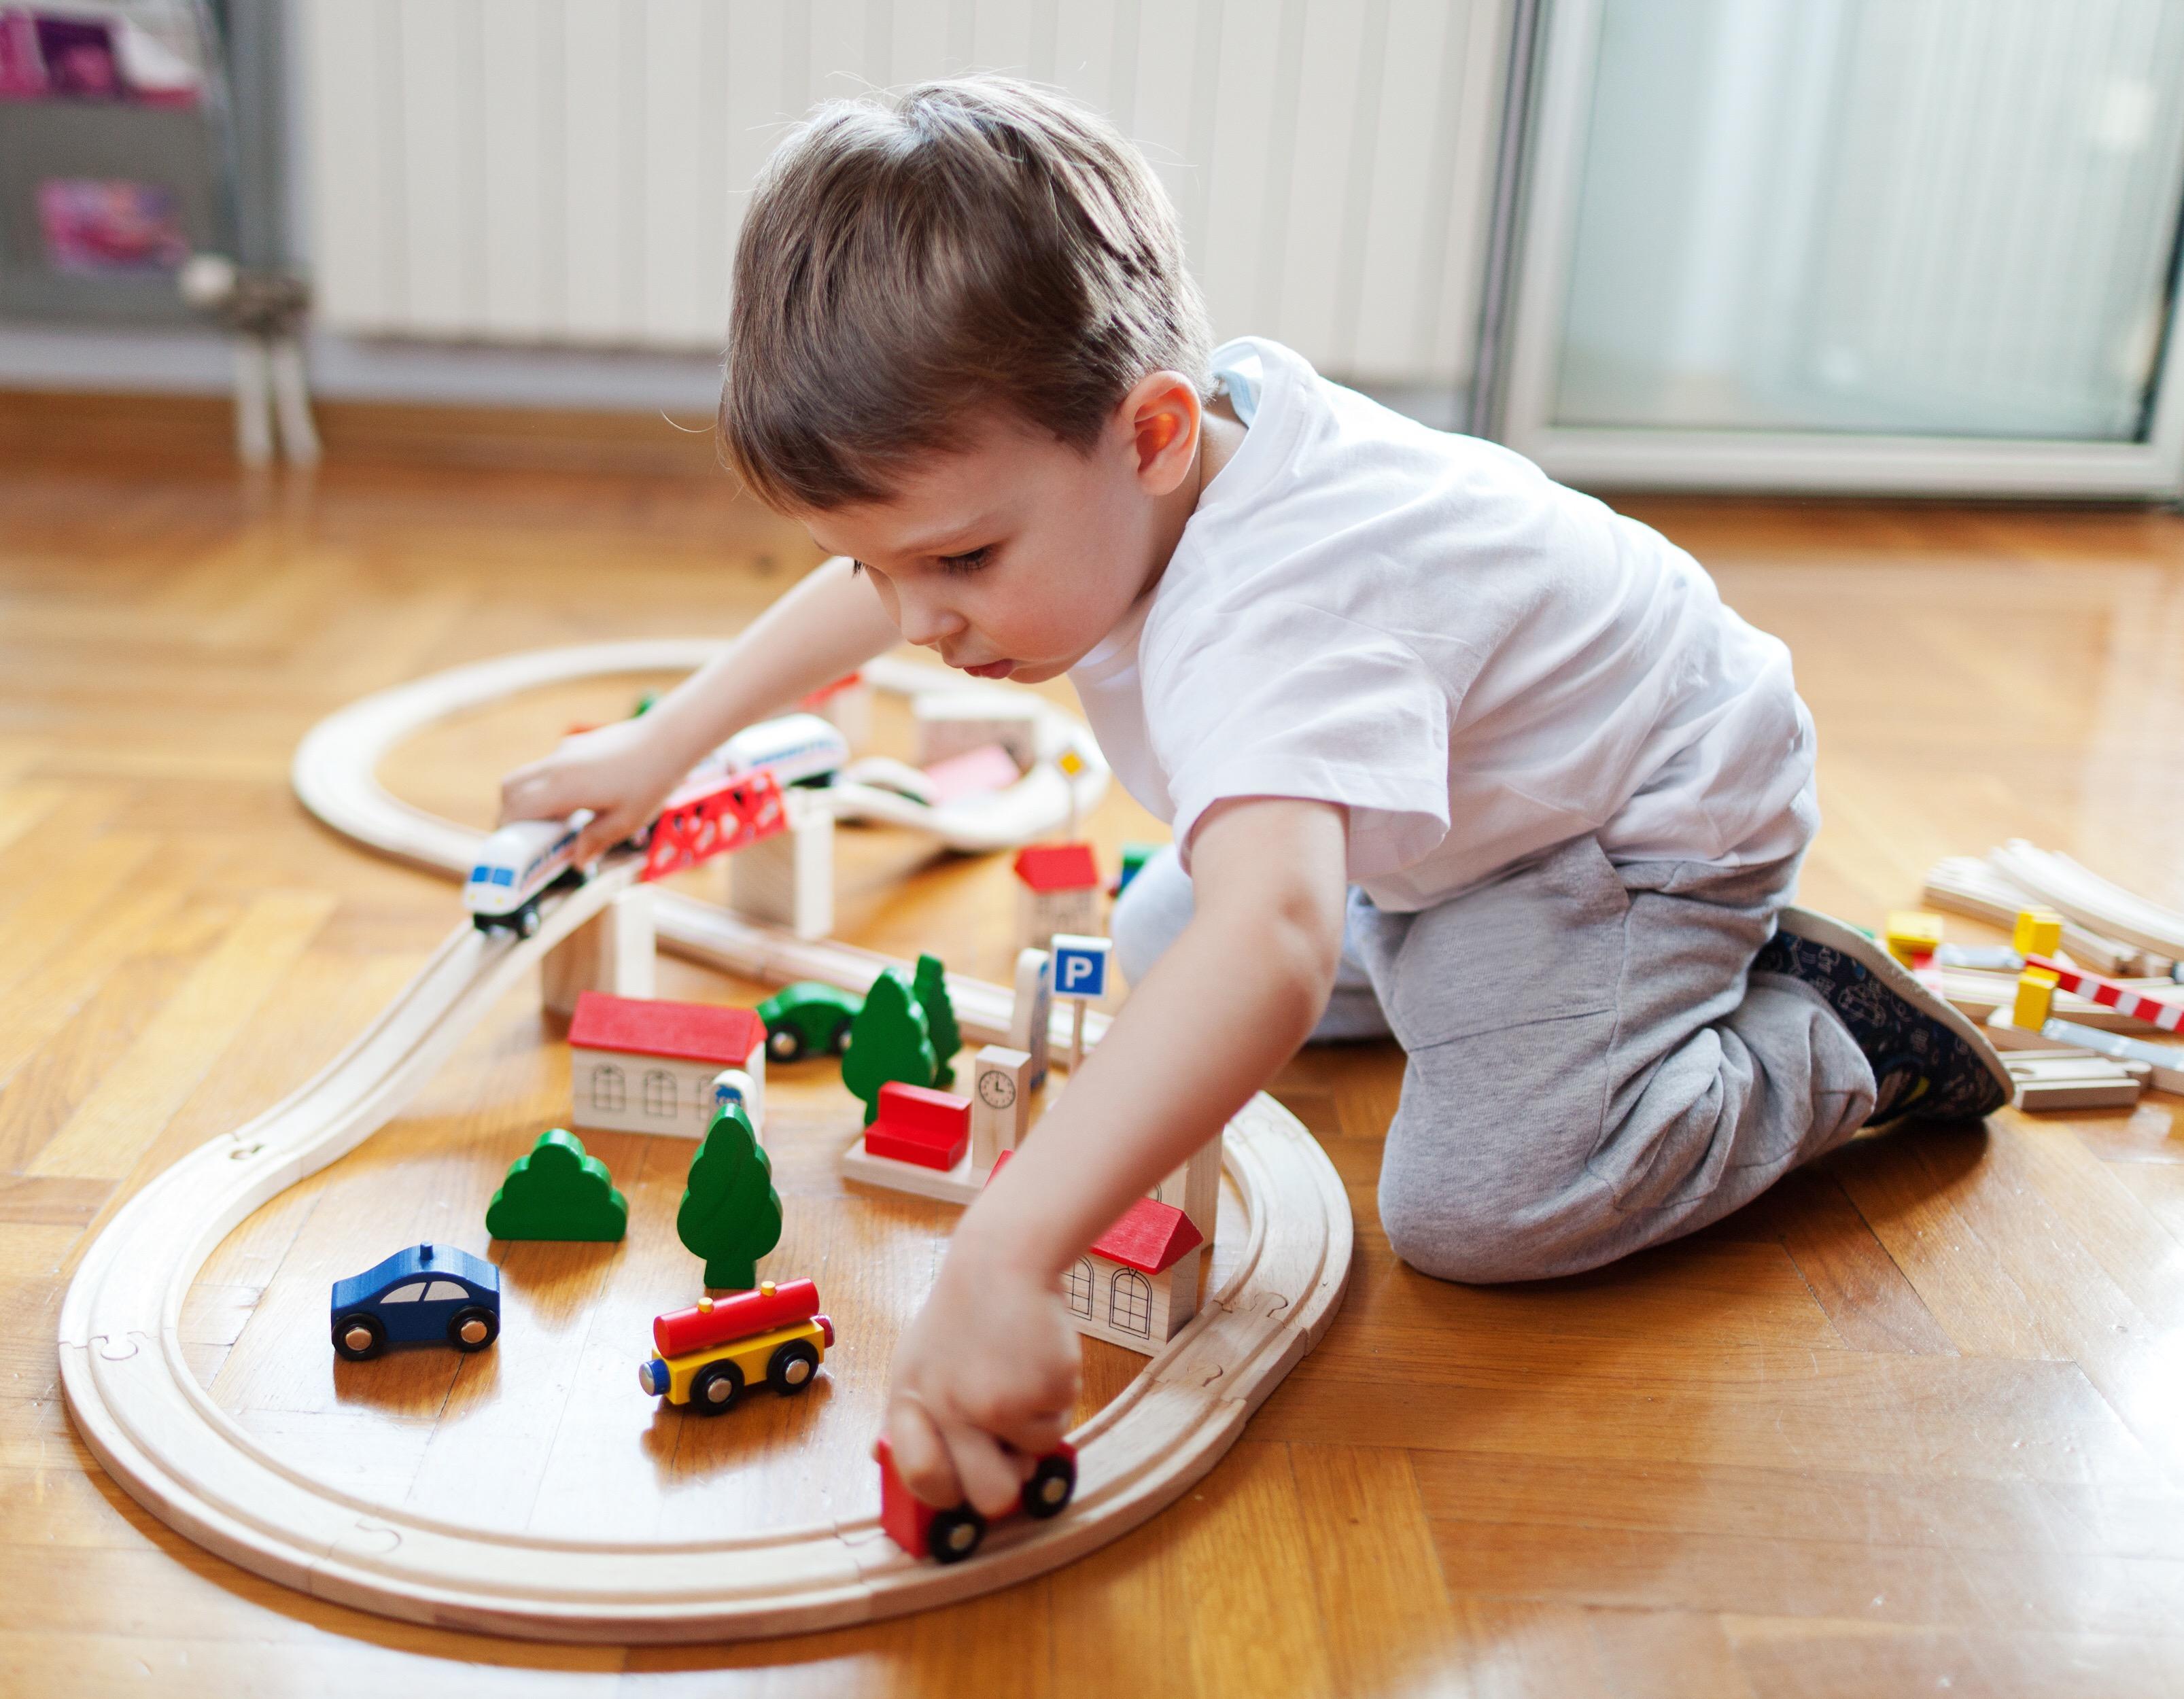 Игра как вариант развития ребенка